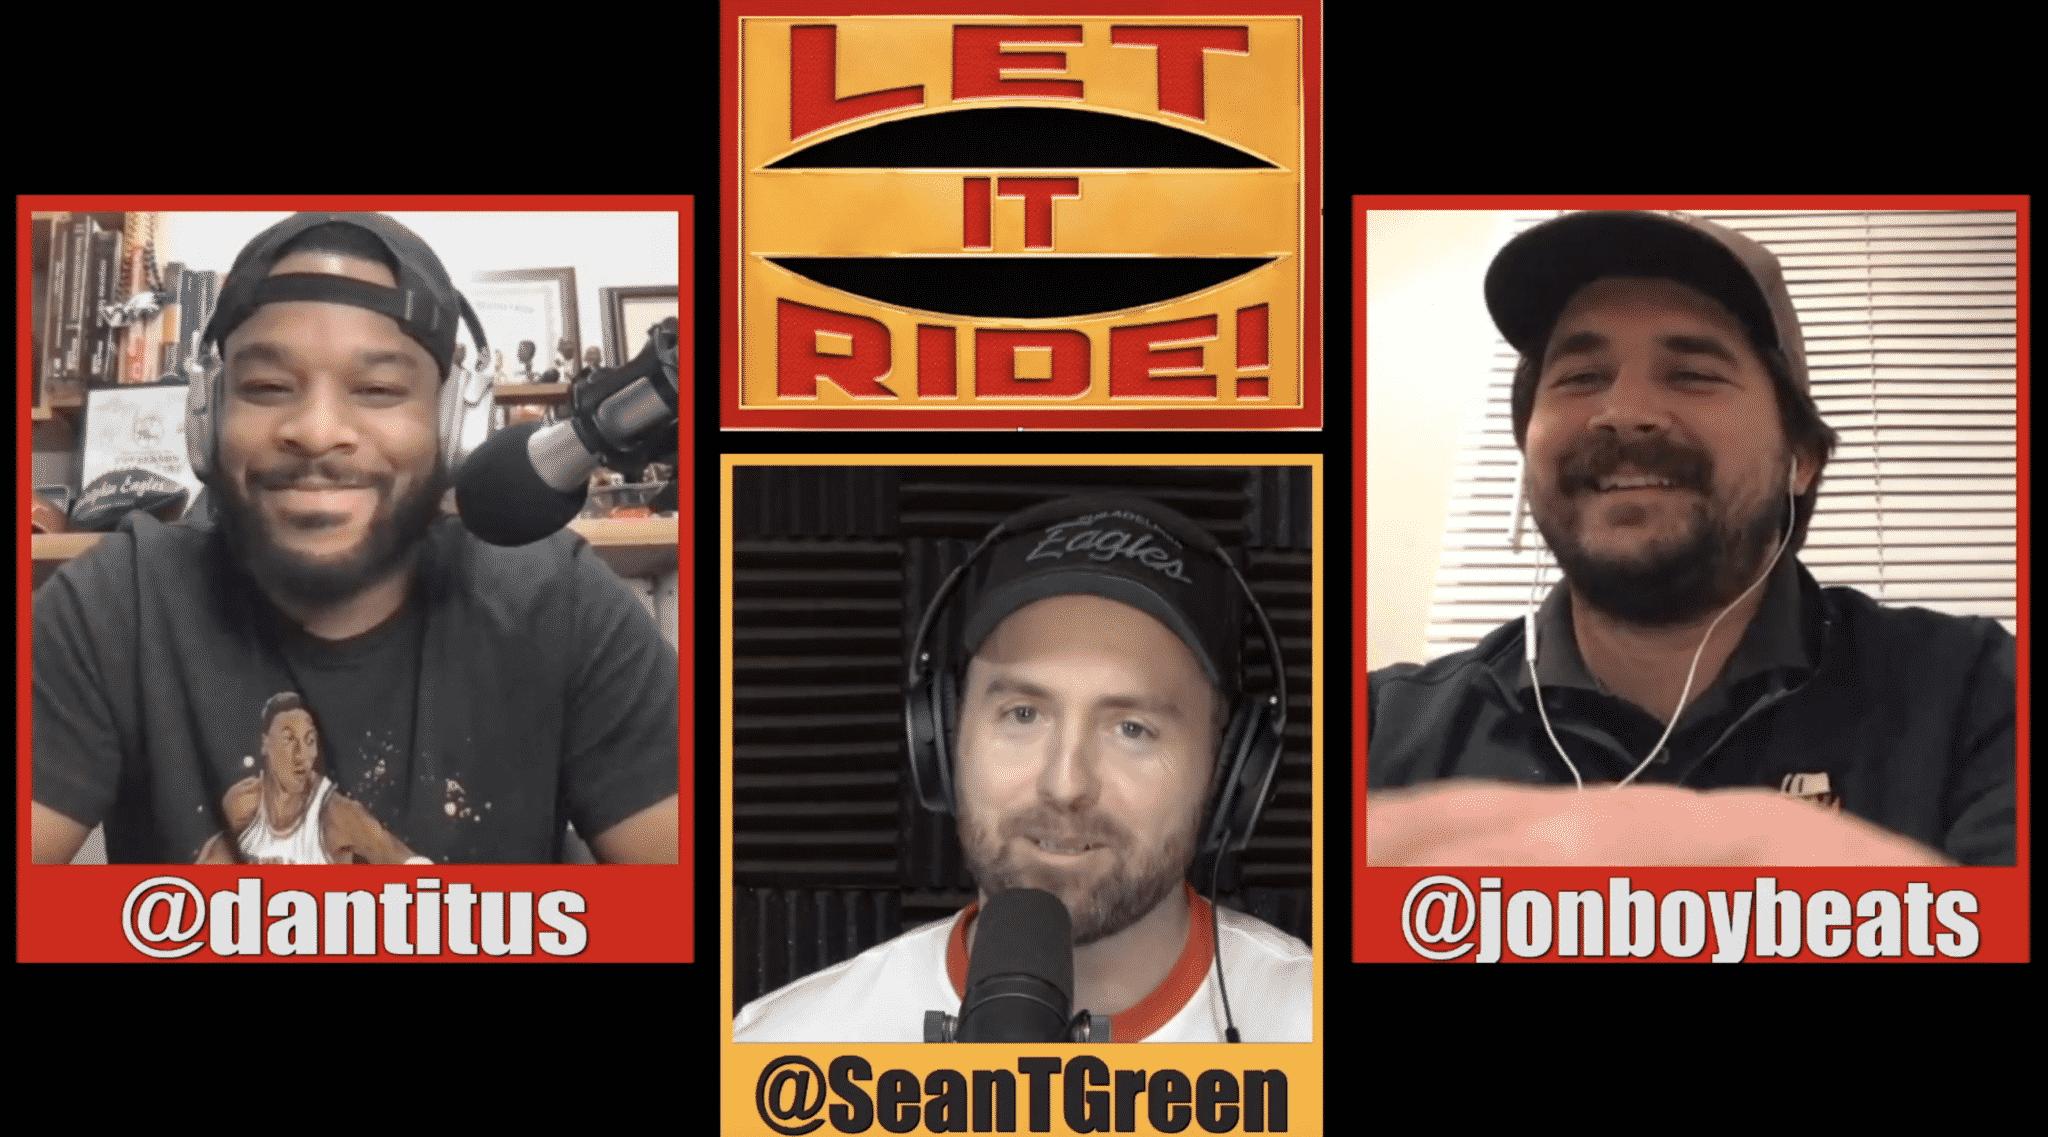 Let It Ride! Dan Titus vs Jon Jackson (Ep. 15)